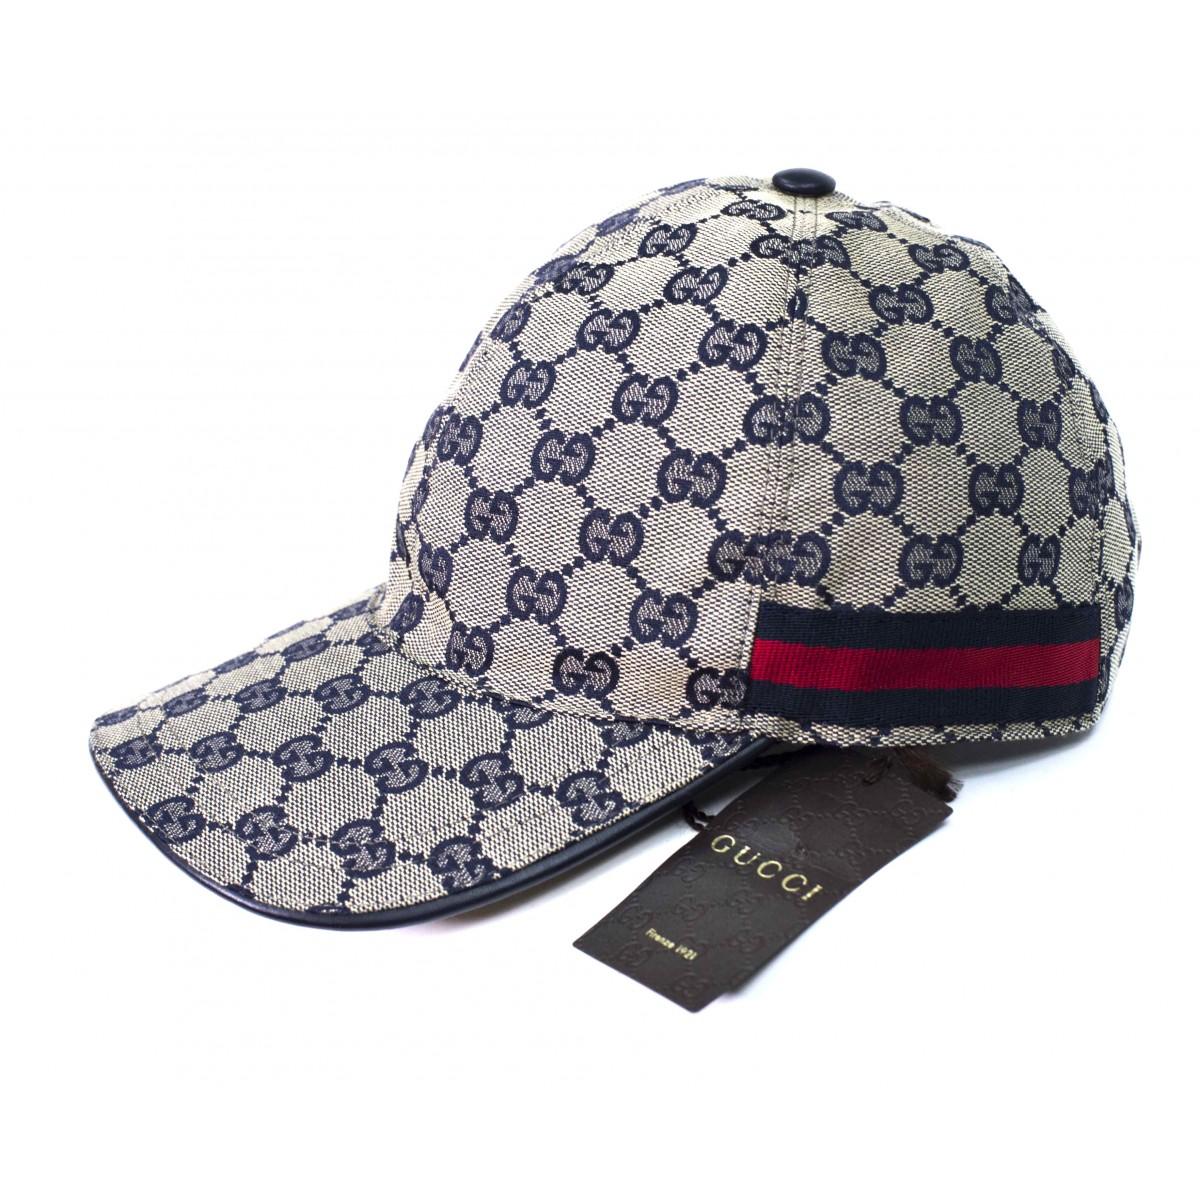 f62550b5d89 ... GUCCI CAP 200035 F4CRG 4080. Dior Bag united states e07d9 da755 ...